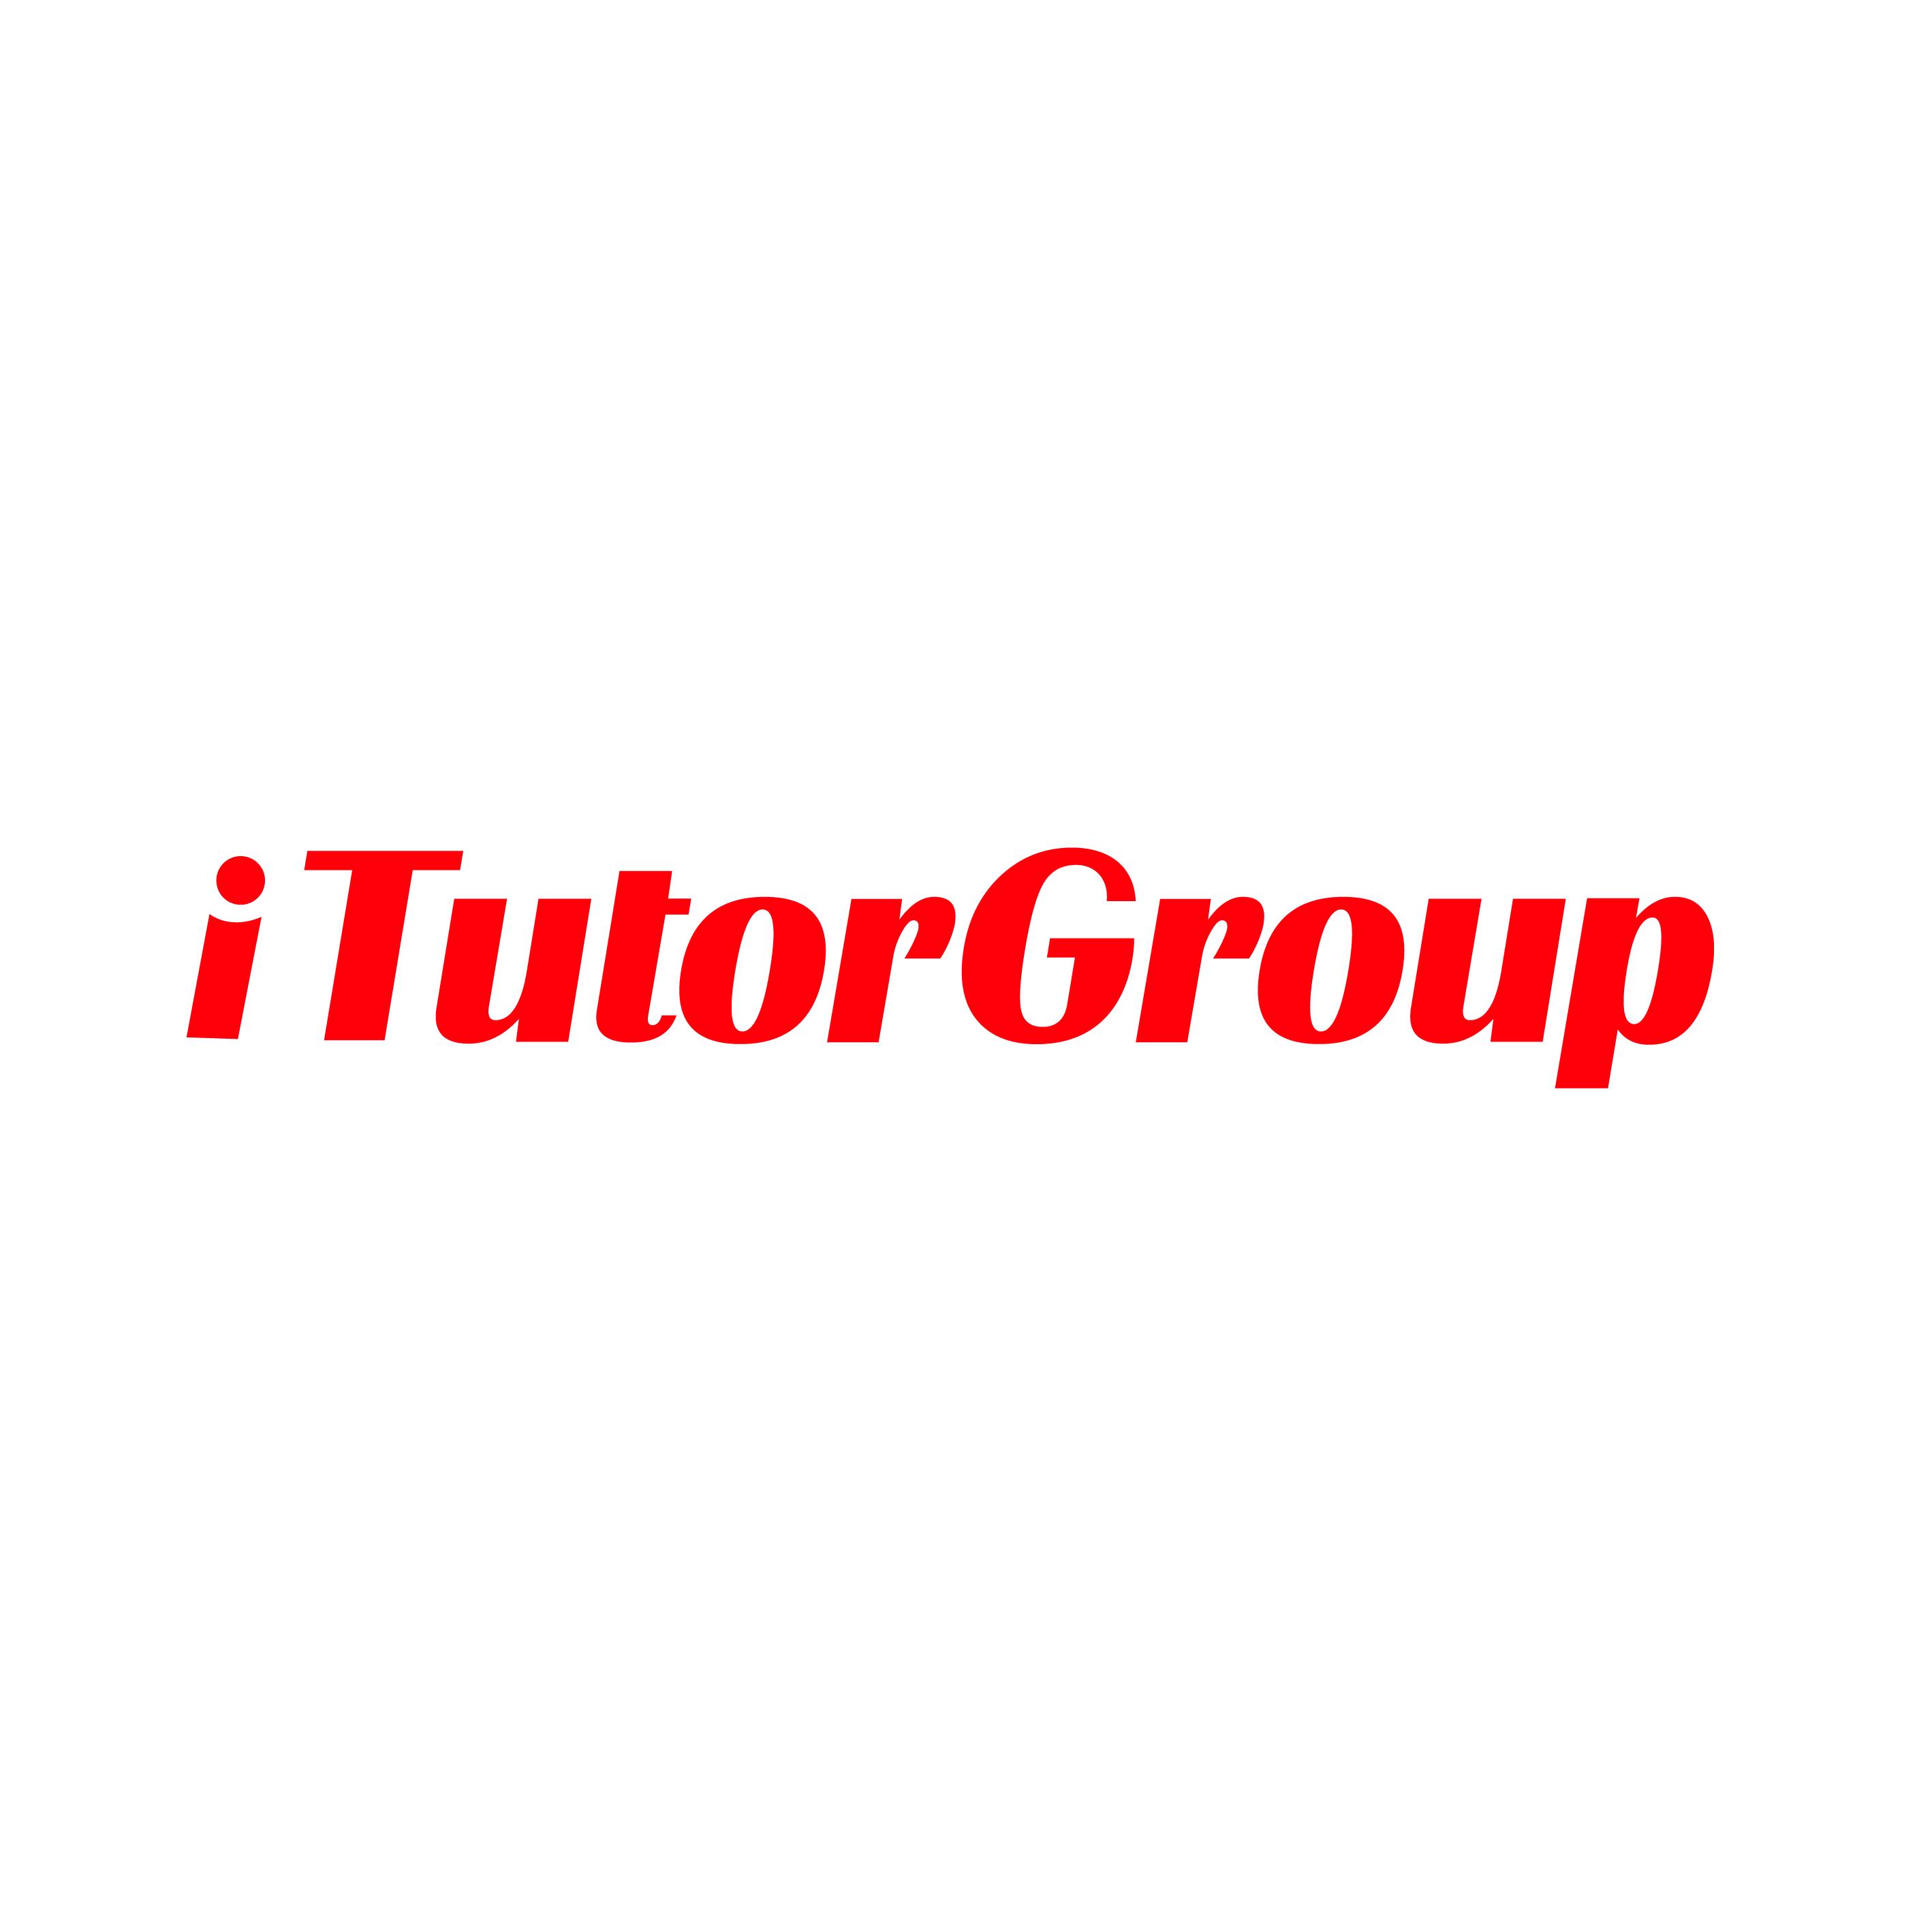 iTutorGroup